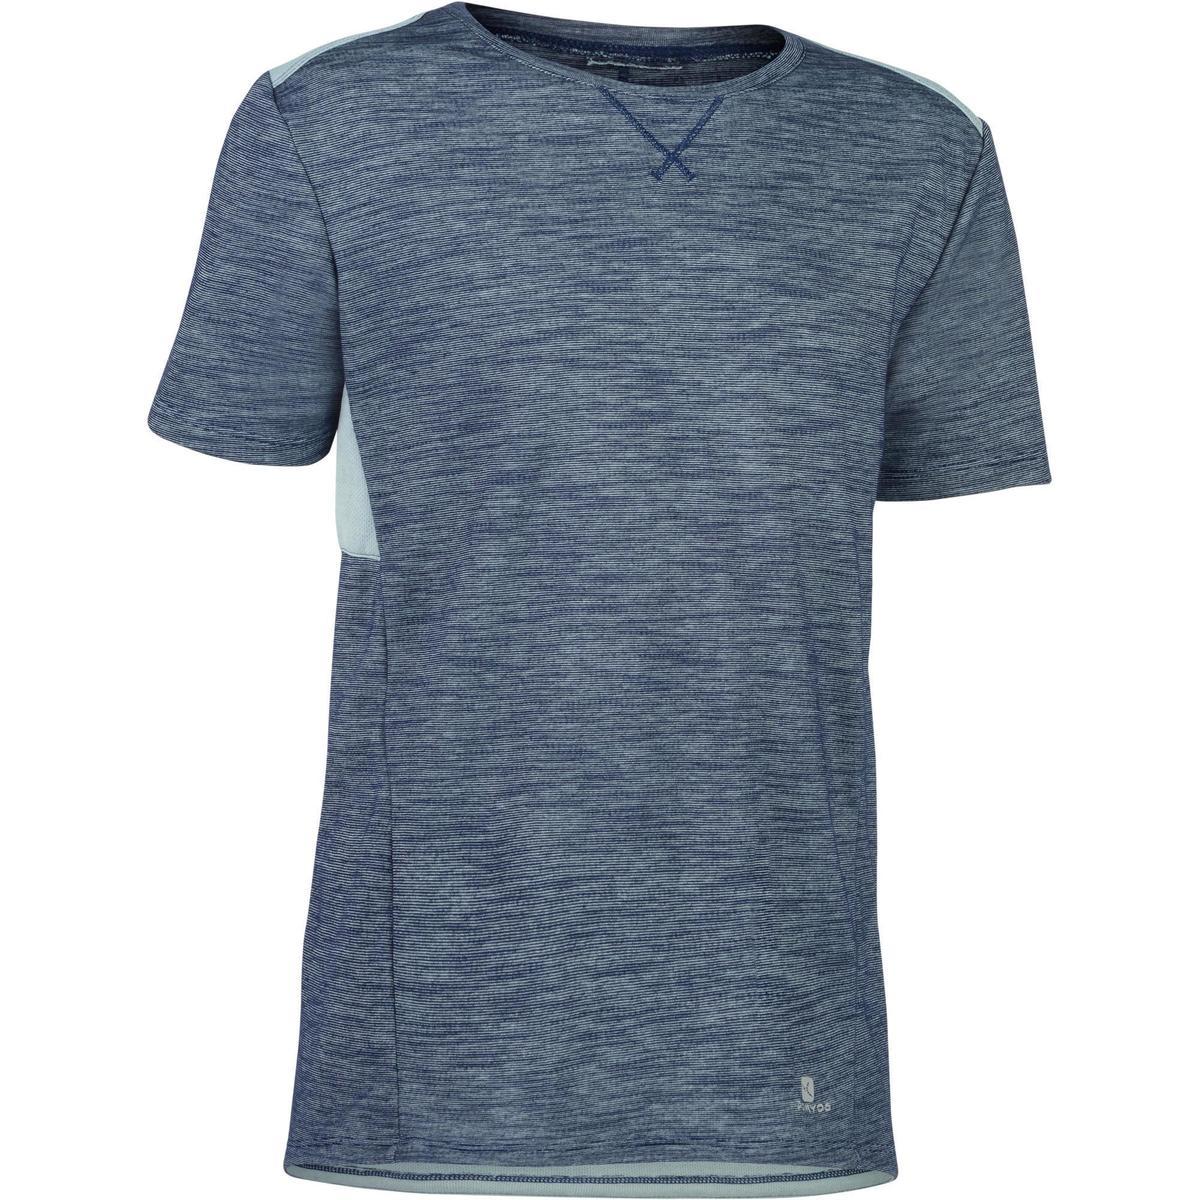 Bild 1 von T-Shirt Kurzarm 500 Gym Kinder grau/blau